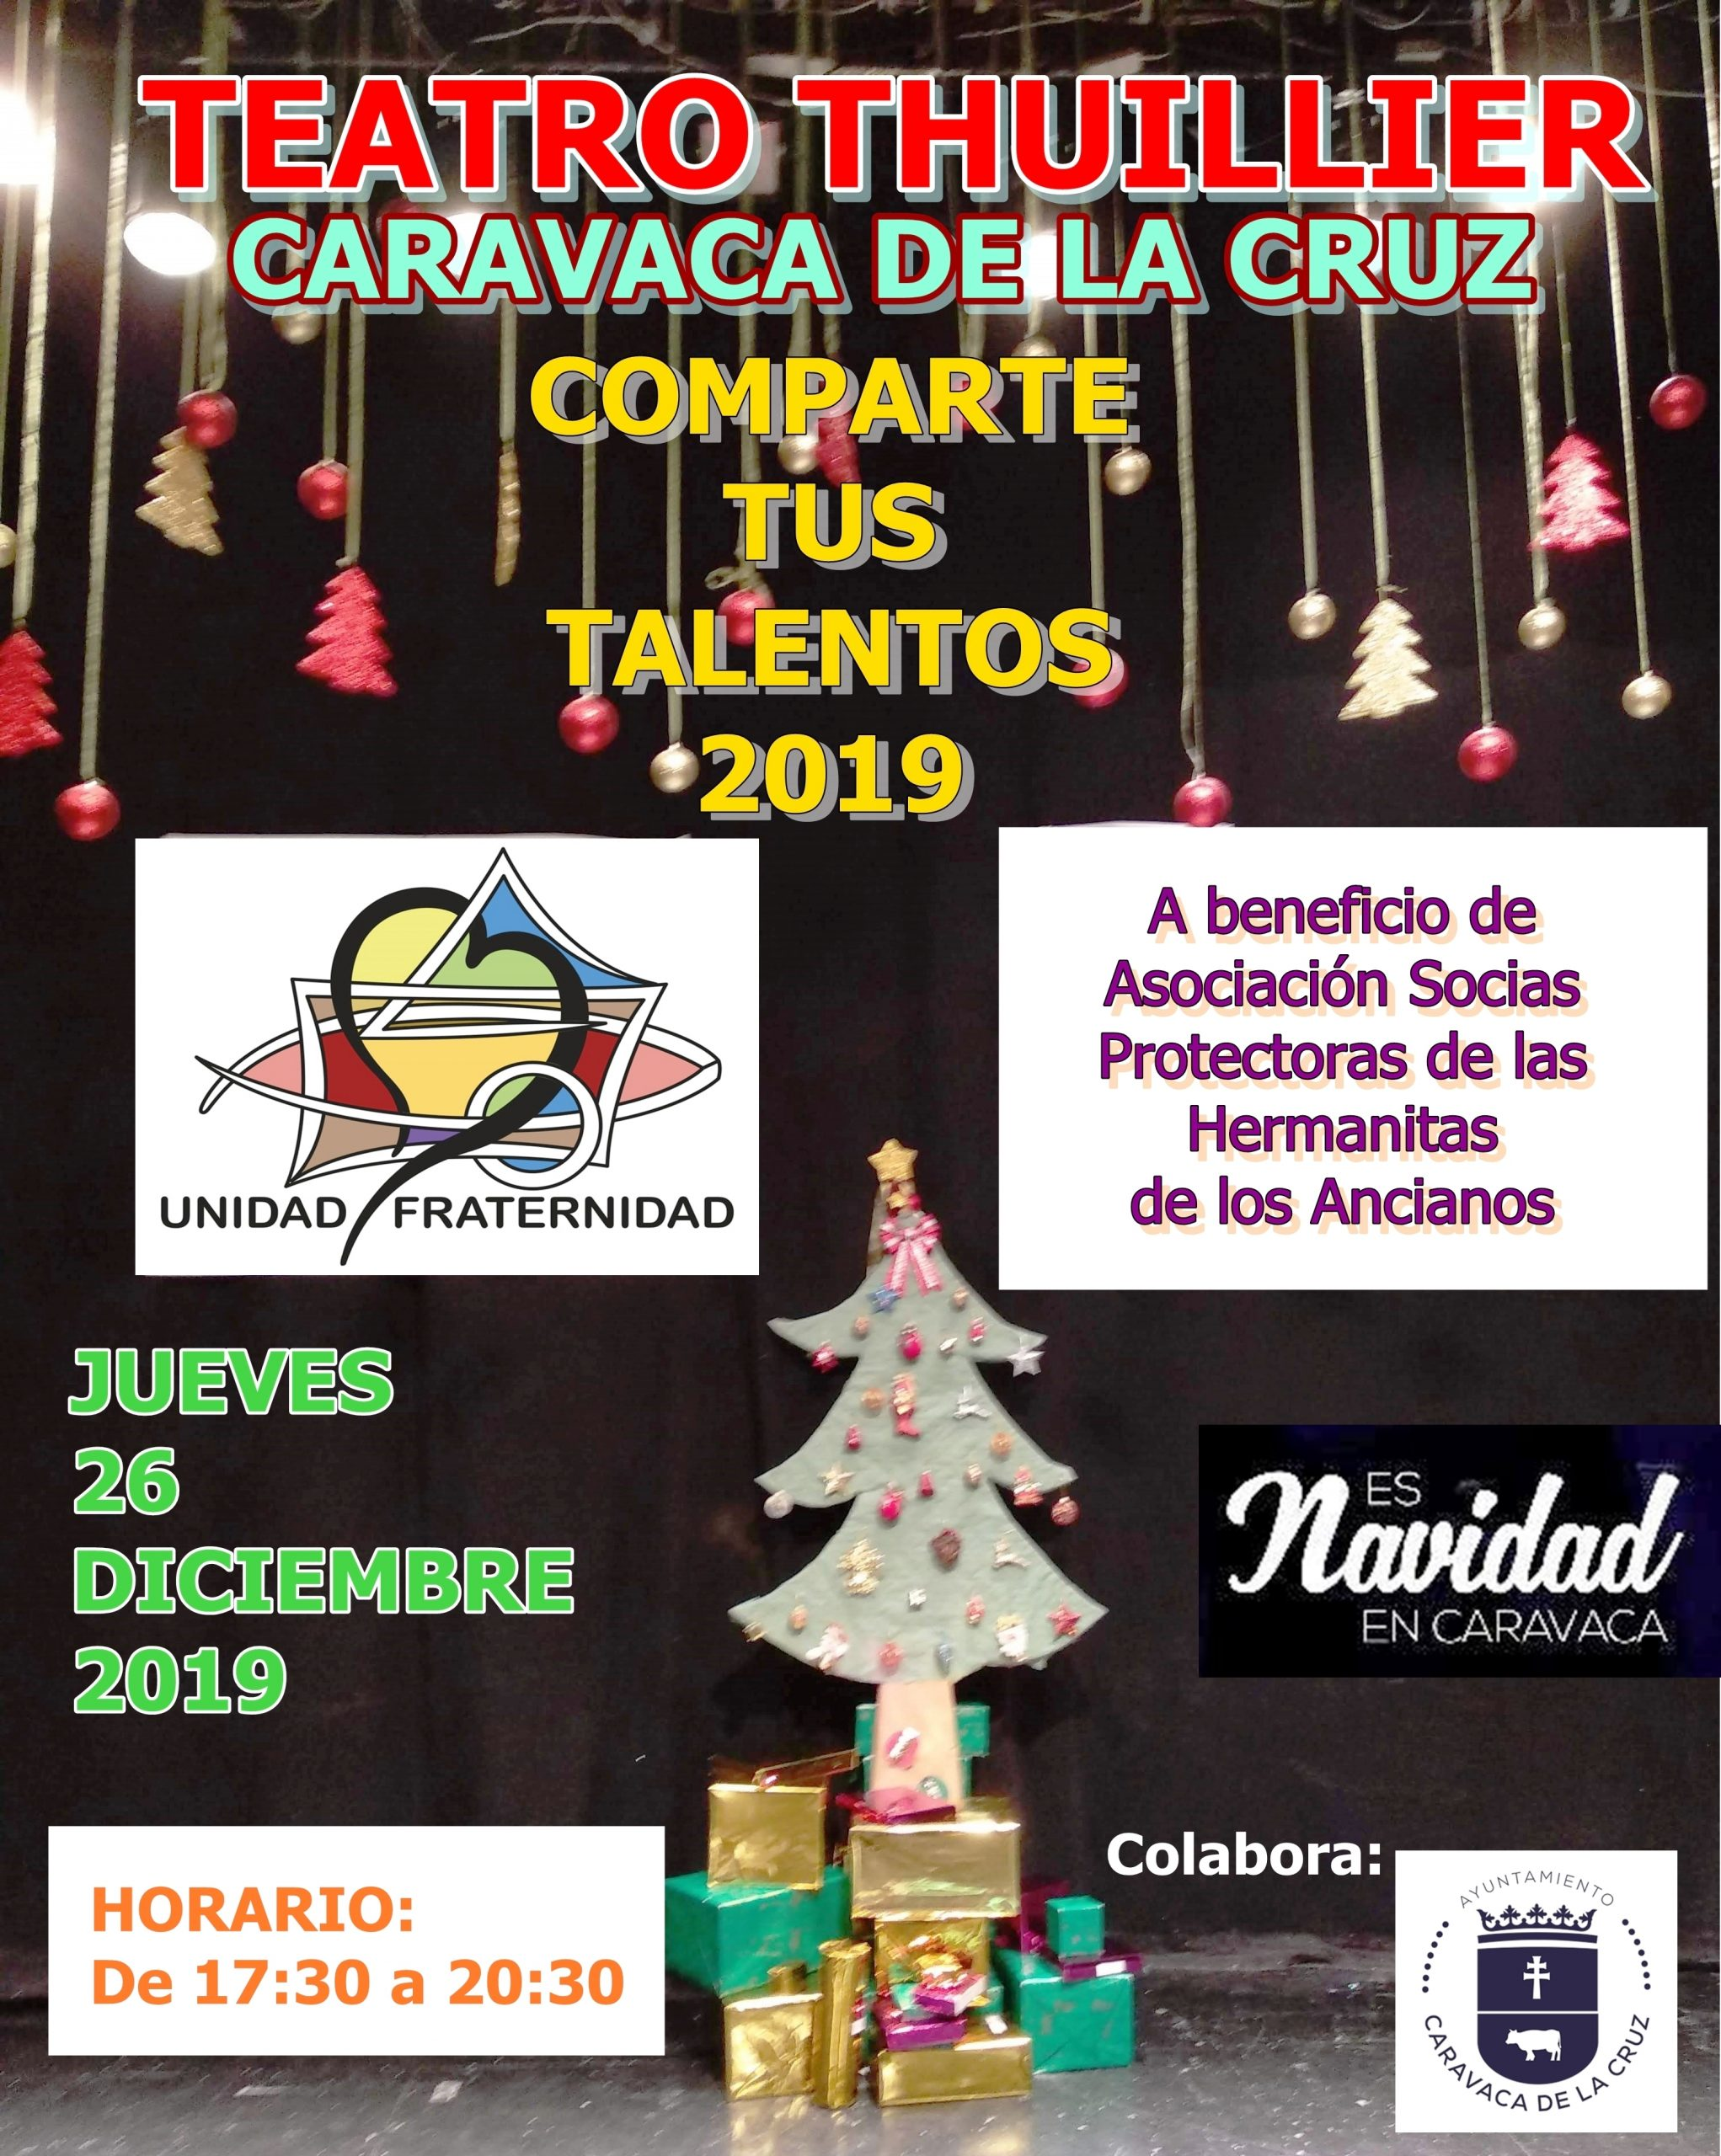 Las actuaciones benéficas de 'Comparte tus talentos' llegan este jueves al escenario del Thuillier de Caravaca